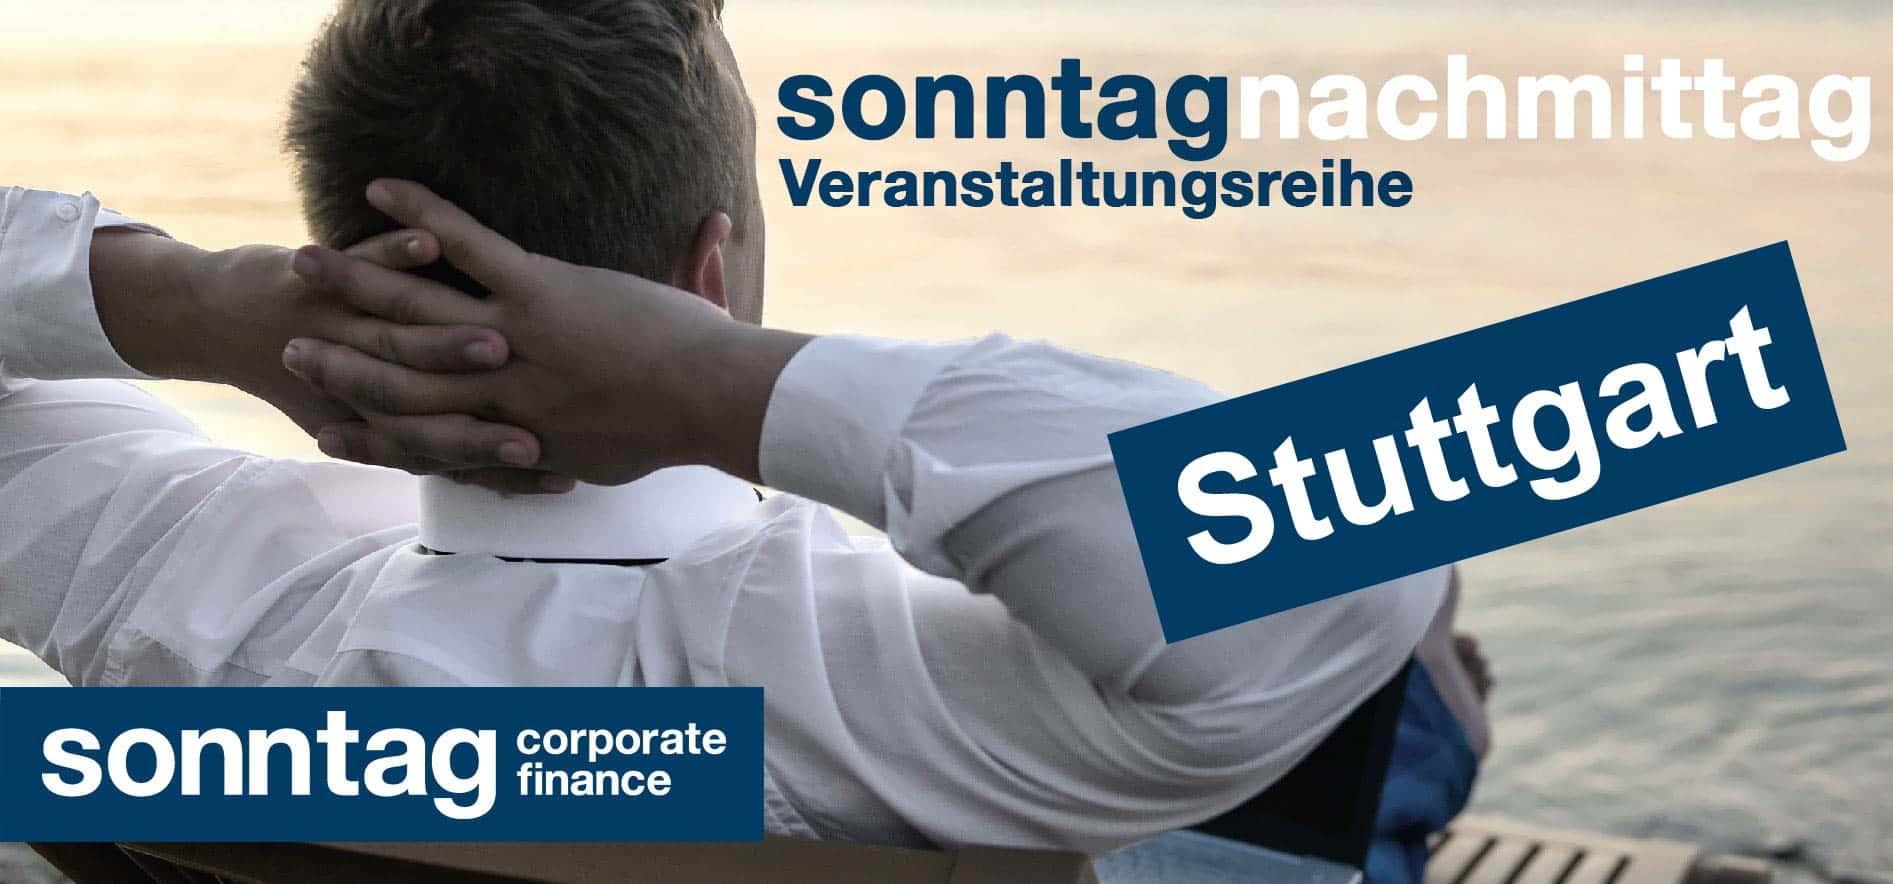 sonntagNachmittag: simplify your life für Unternehmer - Stuttgart